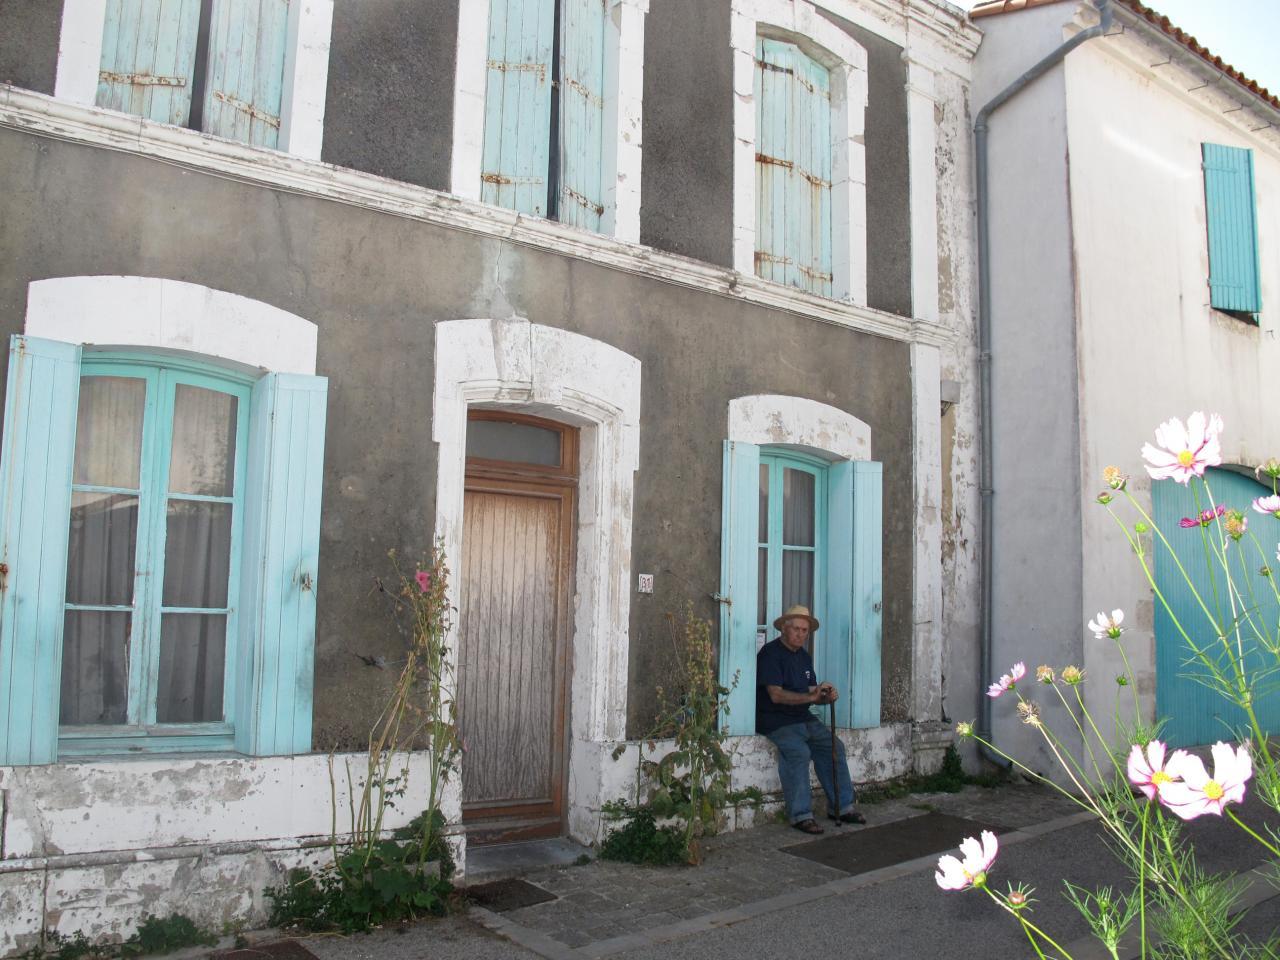 Bleu comme ... cette maison charentaise à Mortagne